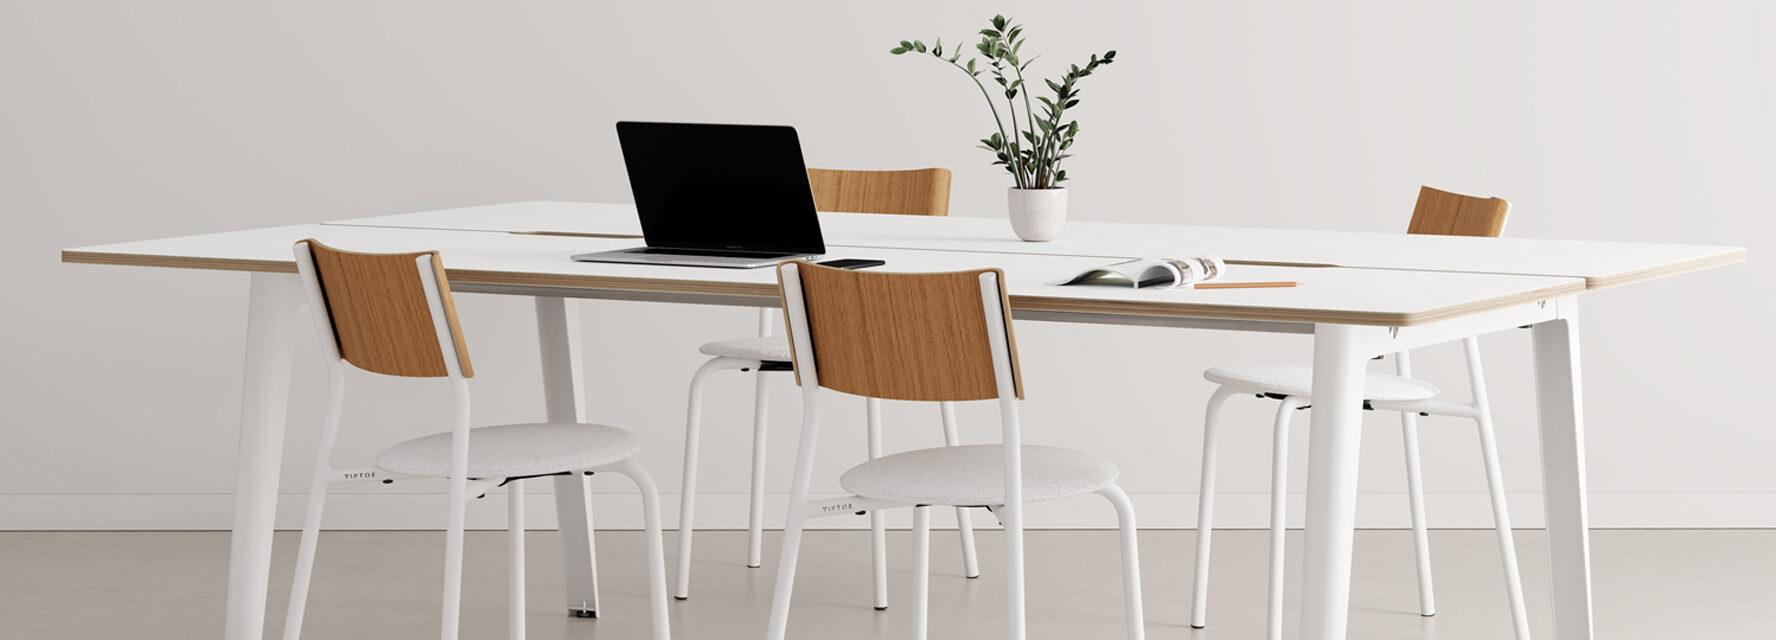 Workspace - TIPTOE